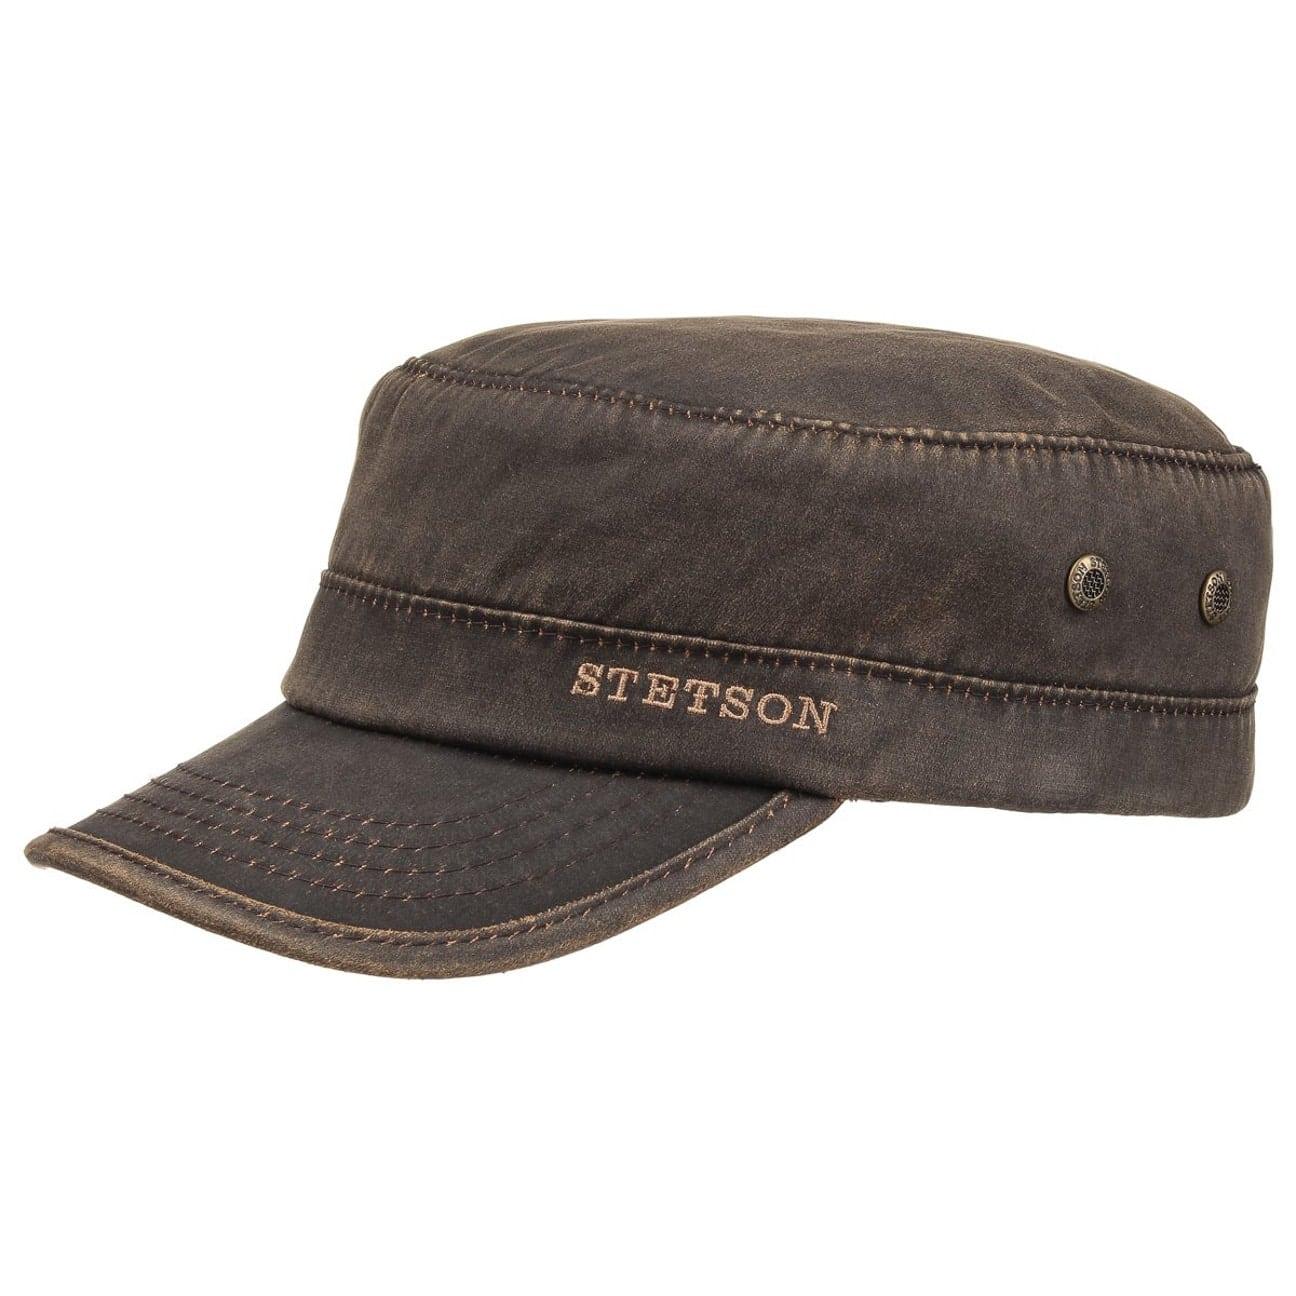 Stetson Army Cap Waxed Brown